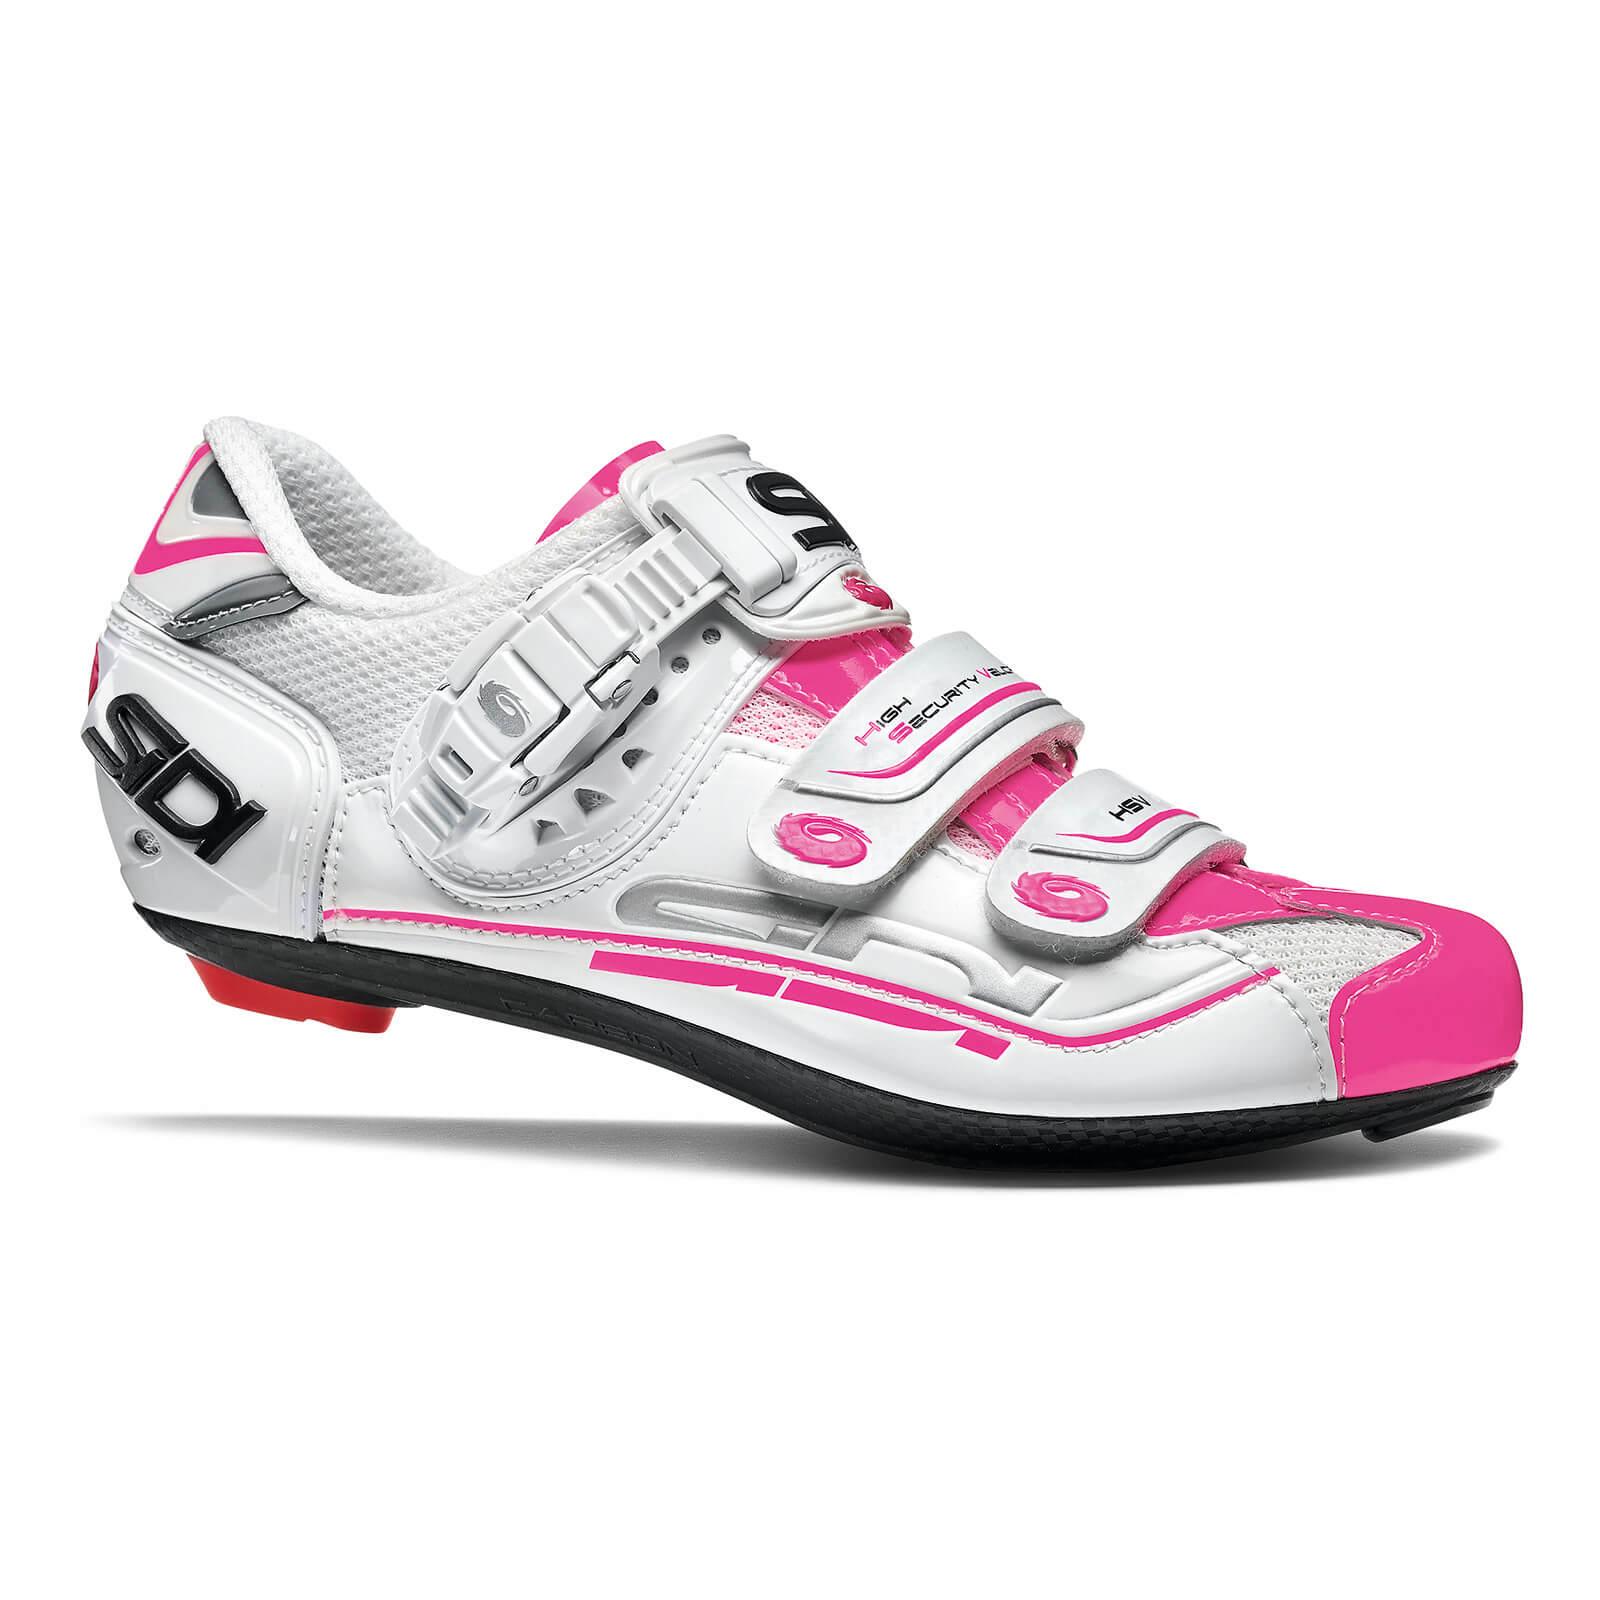 Sidi Women's Genius 7 Road Shoes - White/White/Pink Fluo - EU 38 - White/White/Pink Fluo